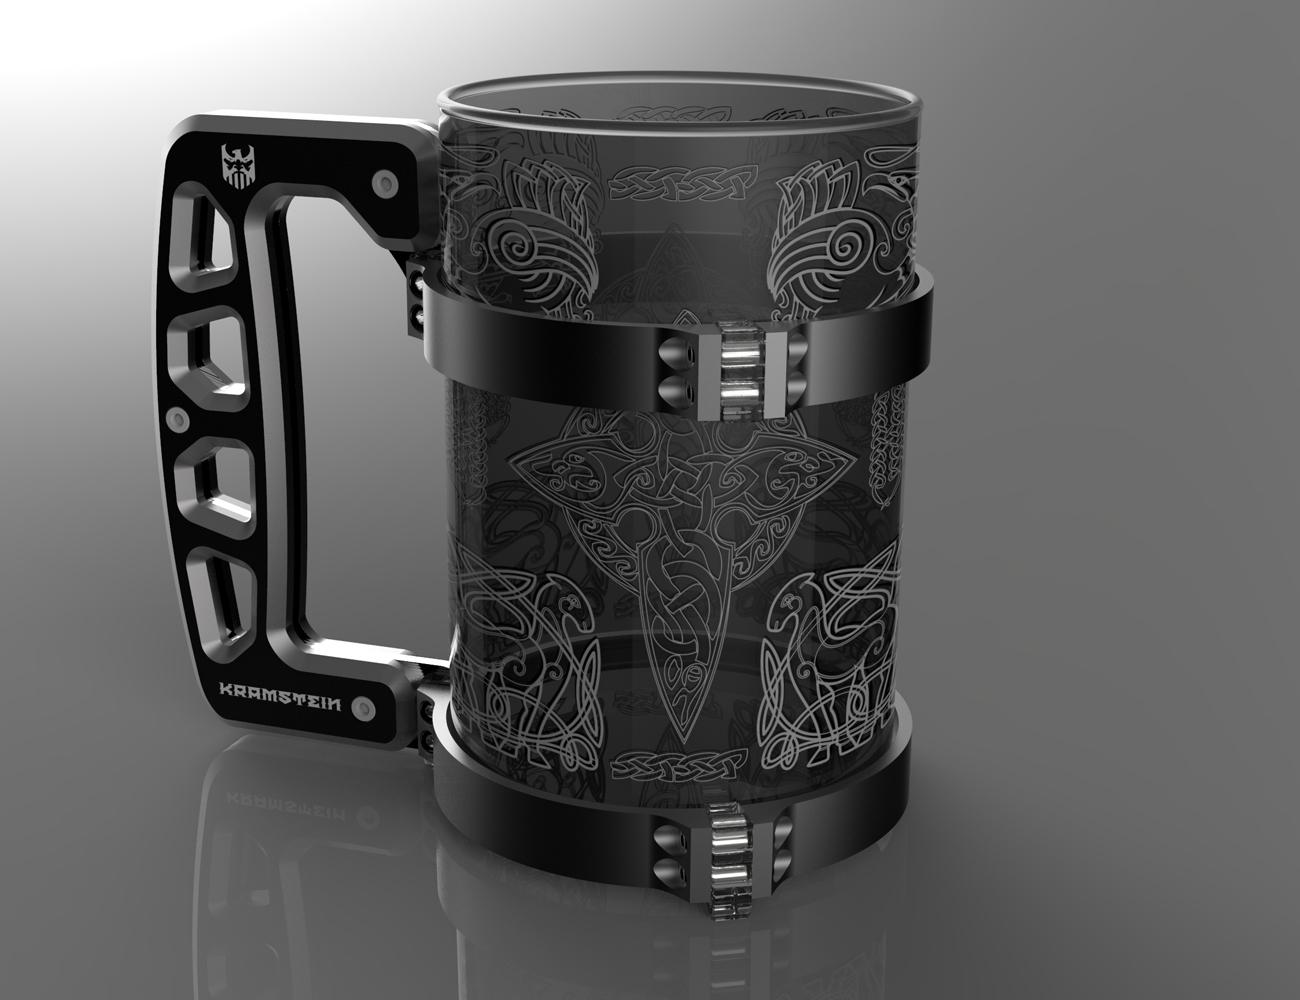 KRAMSTEIN Metal Stein